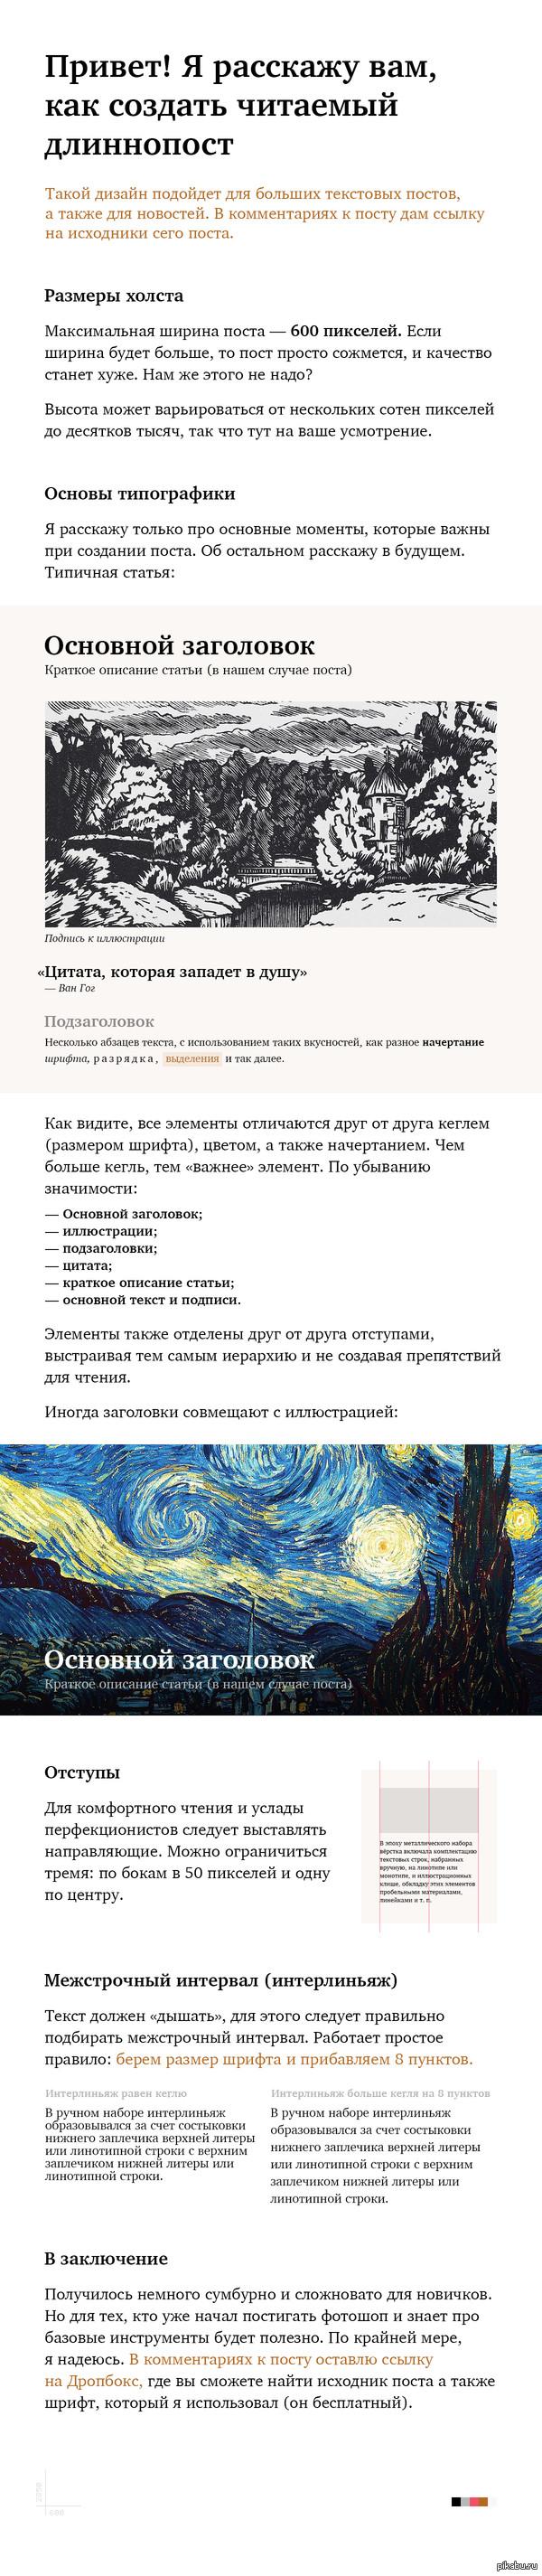 """Как создать читаемый длиннопост Вдохновлялся постом wantbefree: <a href=""""http://pikabu.ru/story/_2848311"""">http://pikabu.ru/story/_2848311</a>"""